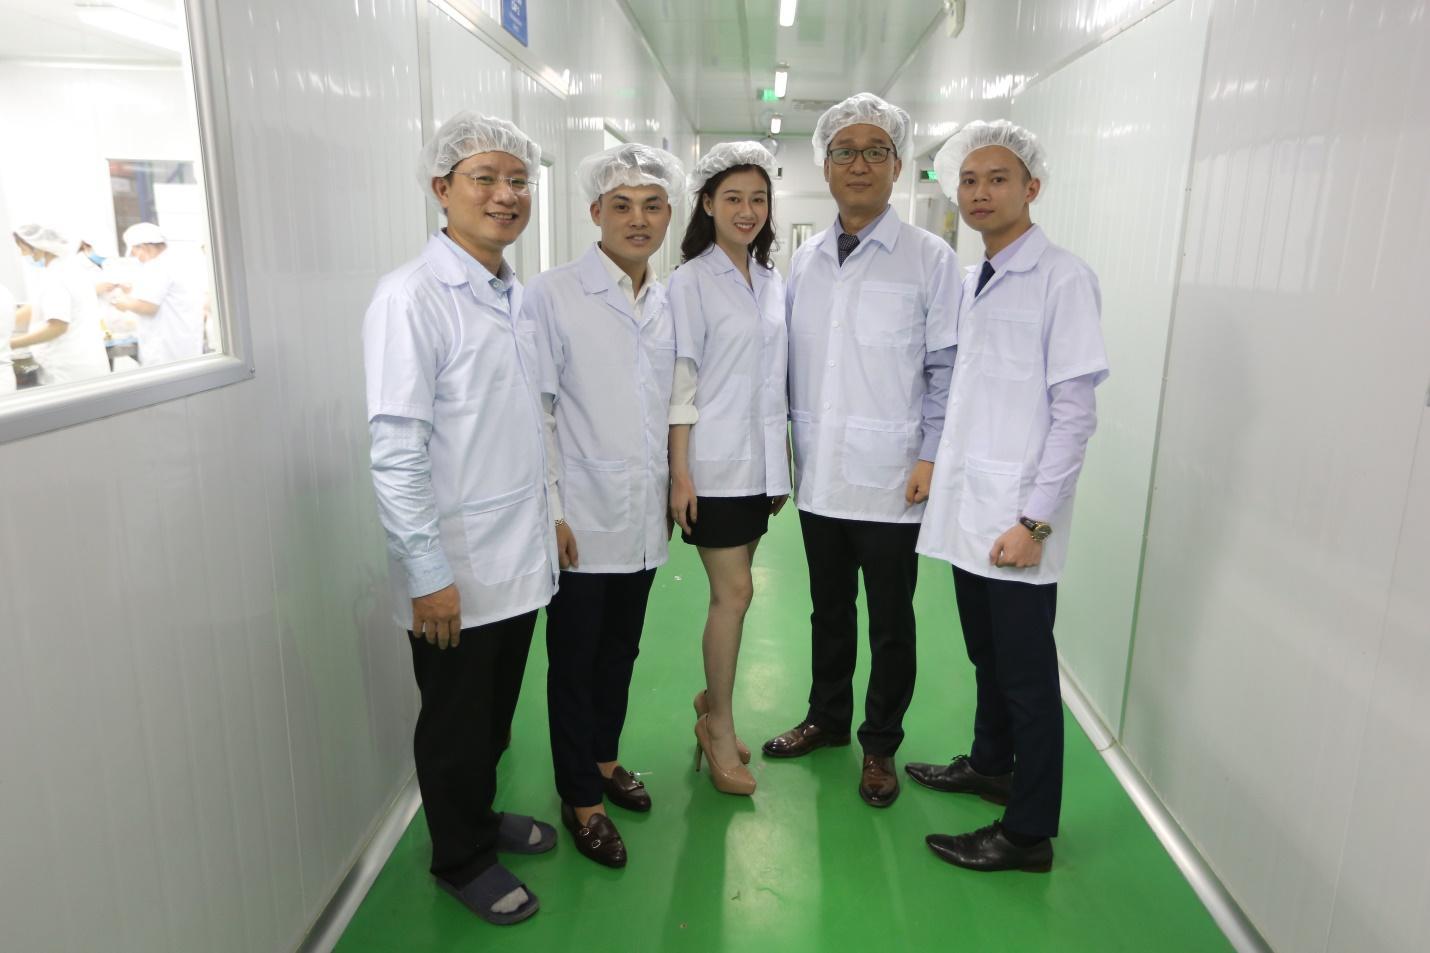 Mỹ phẩm Korena tổ chức thăm quan nhà máy sản xuất của Korena và gặp mặt nhà phân phối, đại lý tại TP .Hồ Chí Minh - Ảnh 3